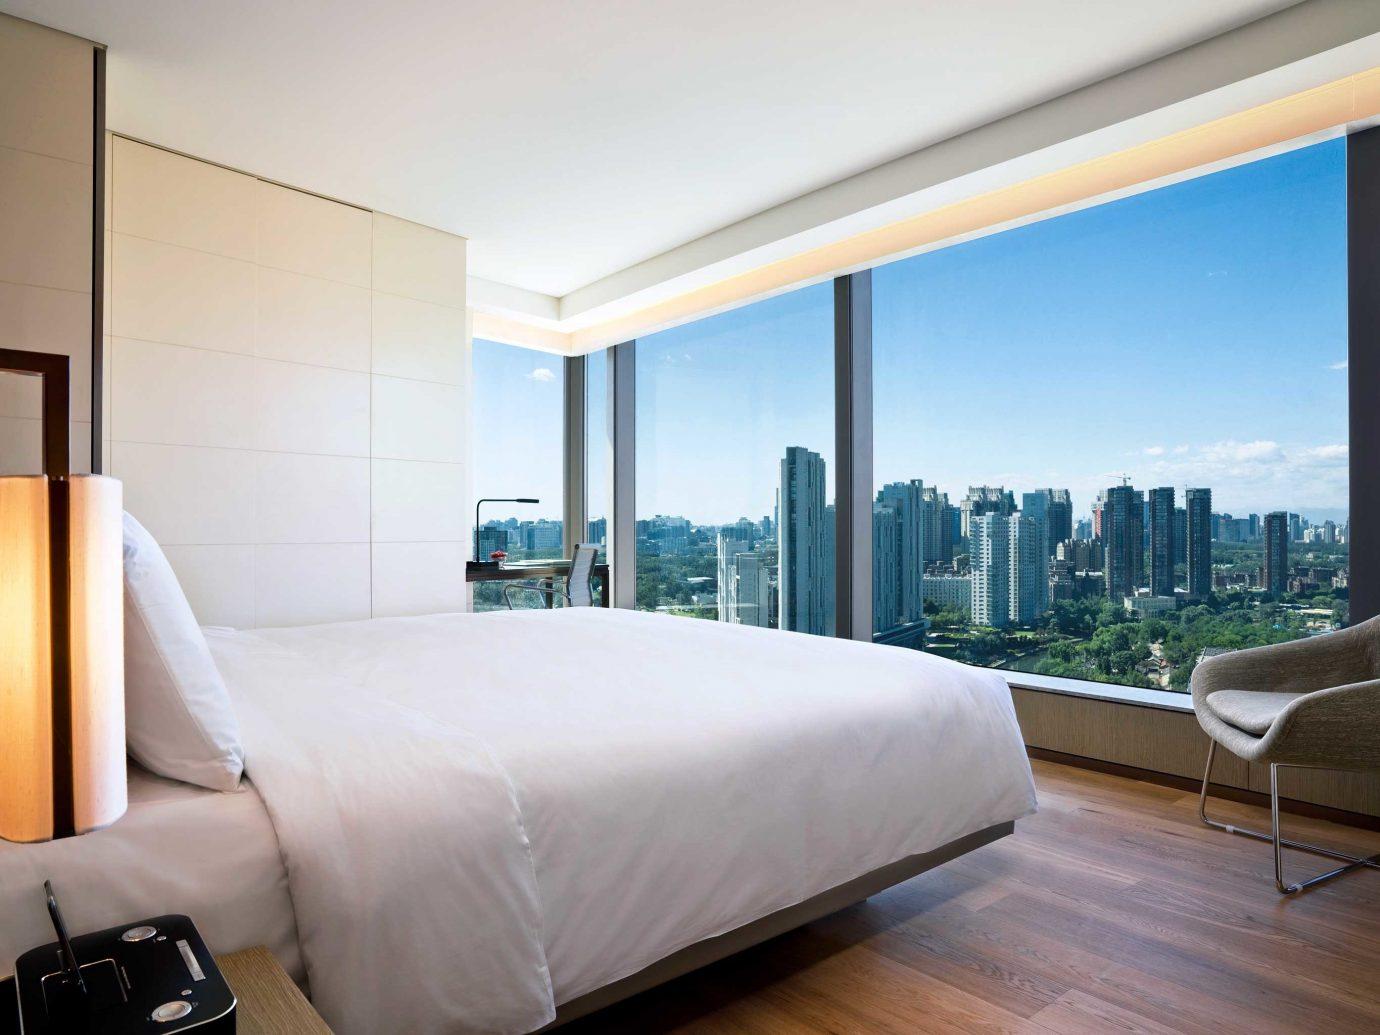 Bedroom at EAST Beijing hotel